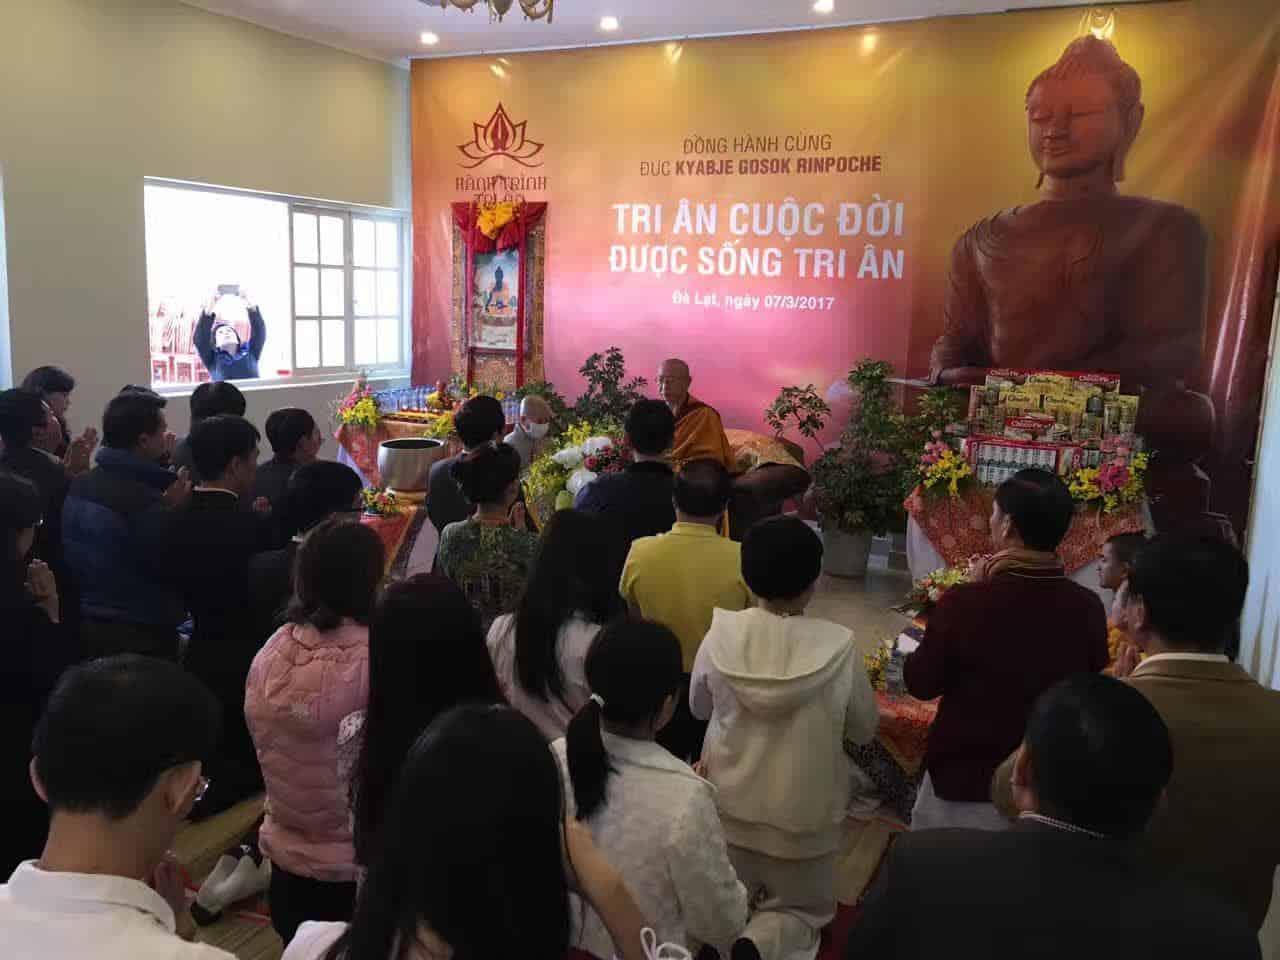 Gosok Rinpoche Vietnam 2017-03-07 e47b3e18aba097d35946d18981d3f57